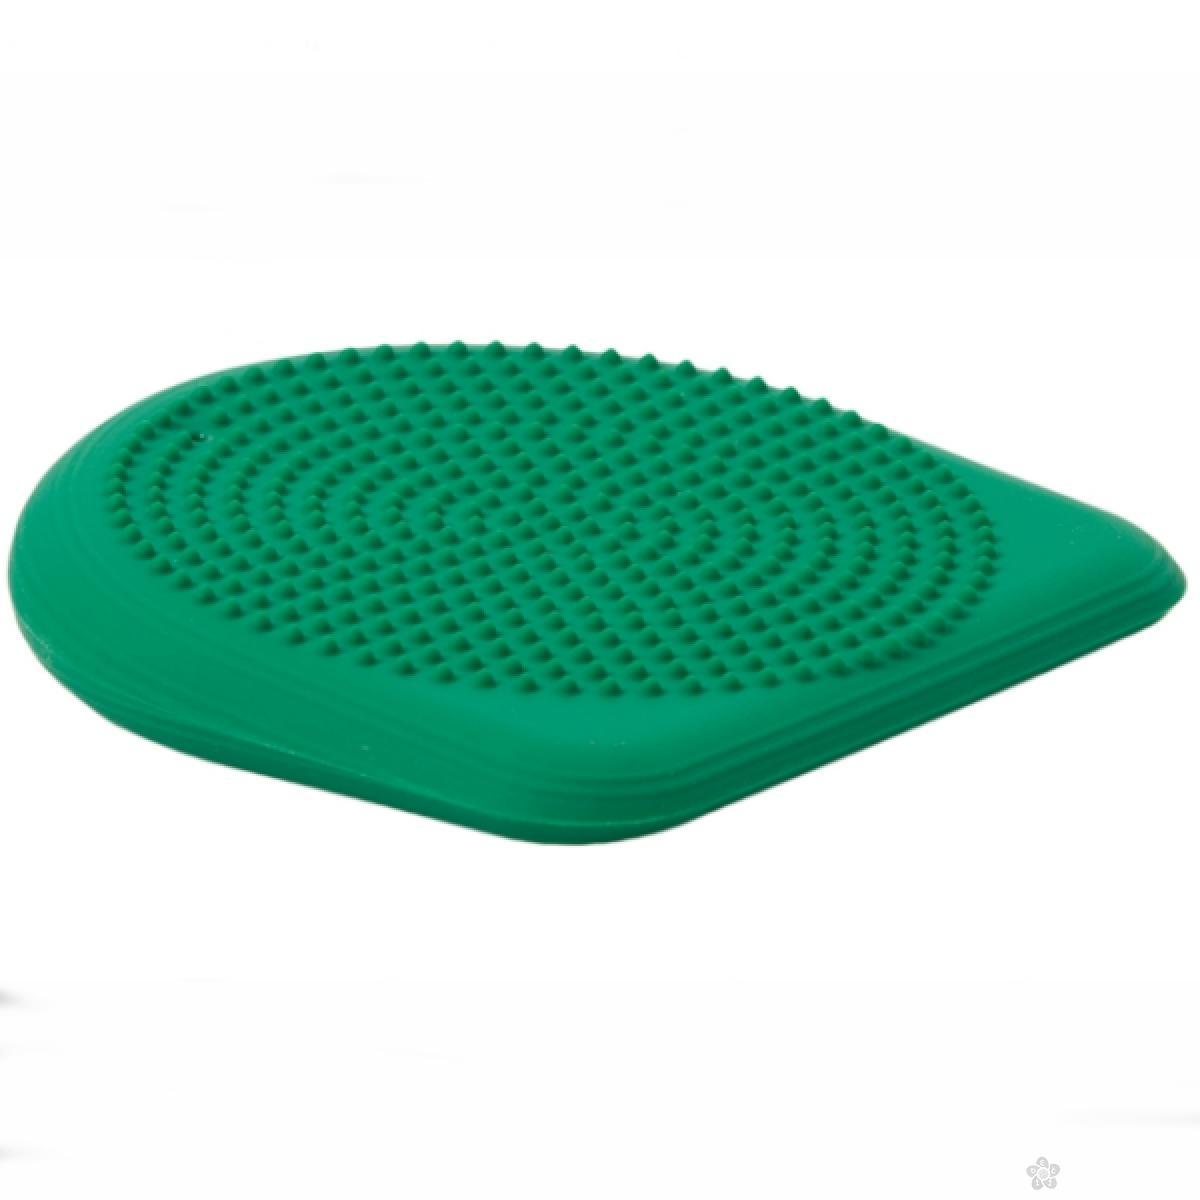 Jastuk za aktivno sedenje Dynair Wedge Zeleni, 400146